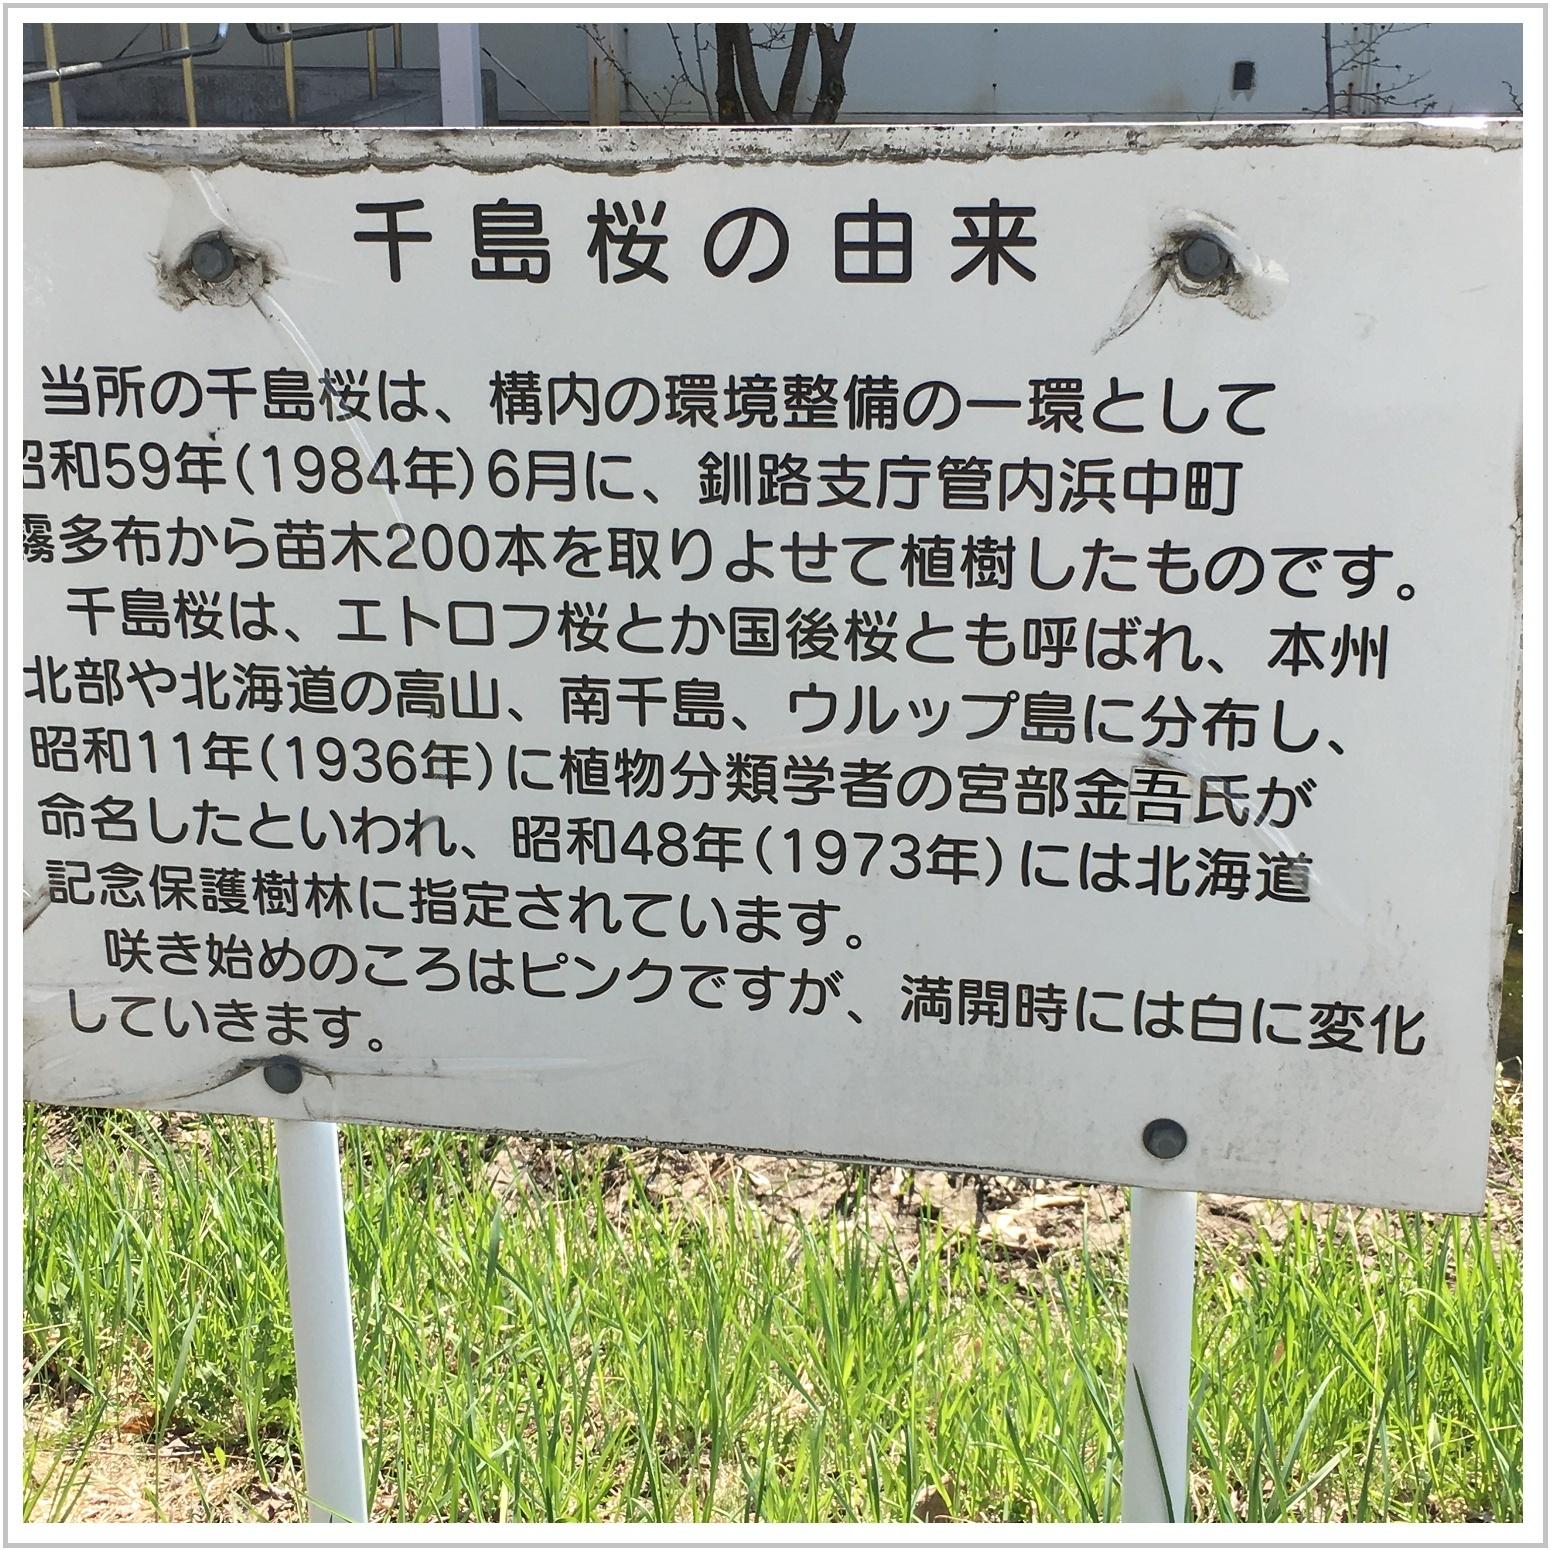 chishima_7_502.jpg